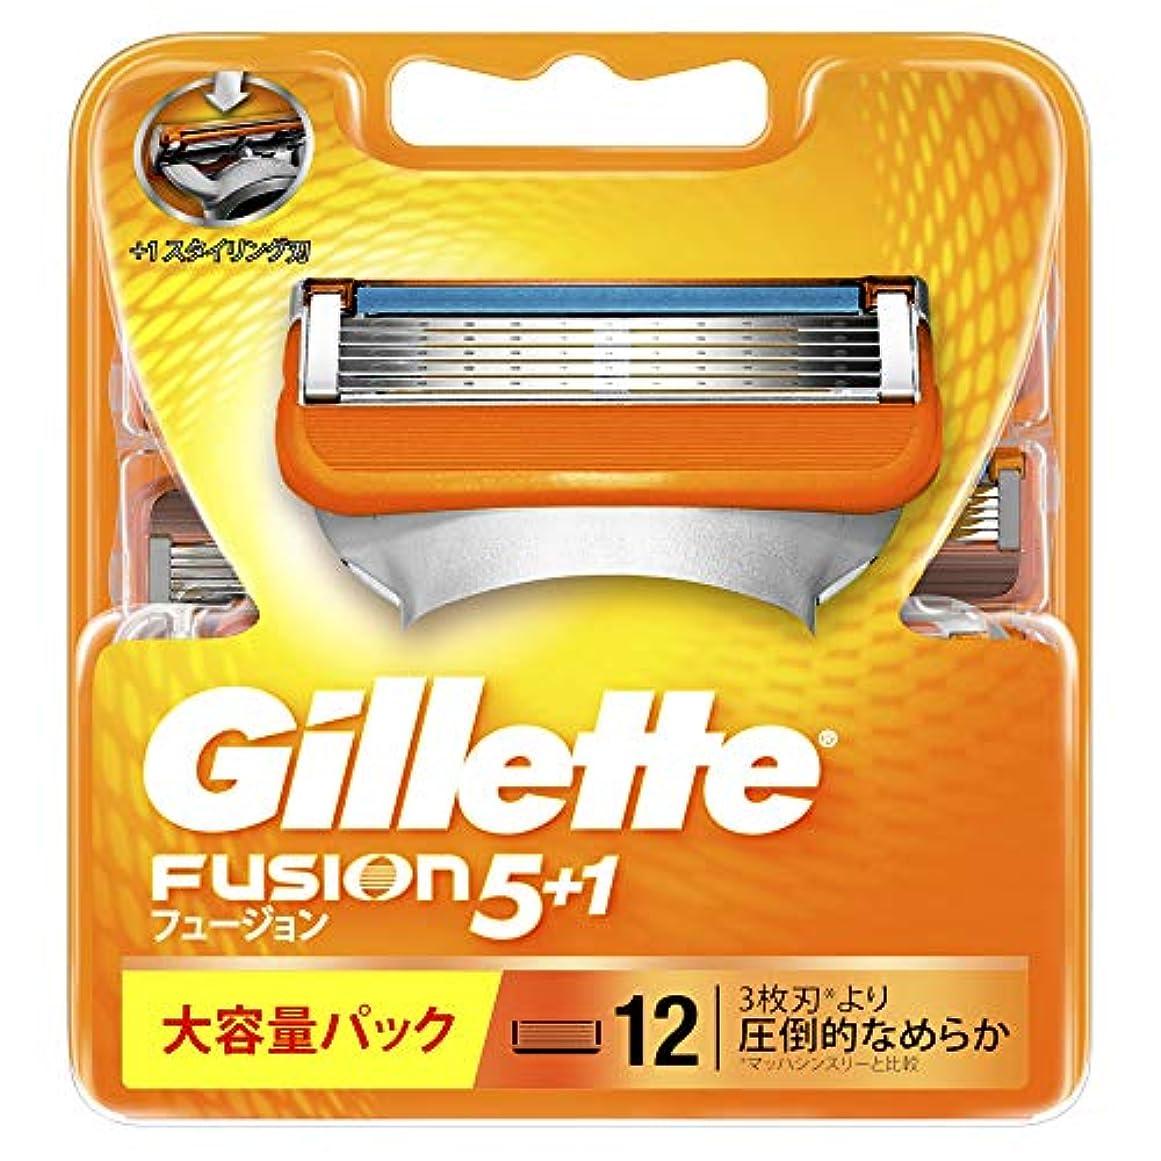 マスタードタンカーどんよりしたジレット フュージョン5+1 マニュアル 髭剃り 替刃 単品 12コ入